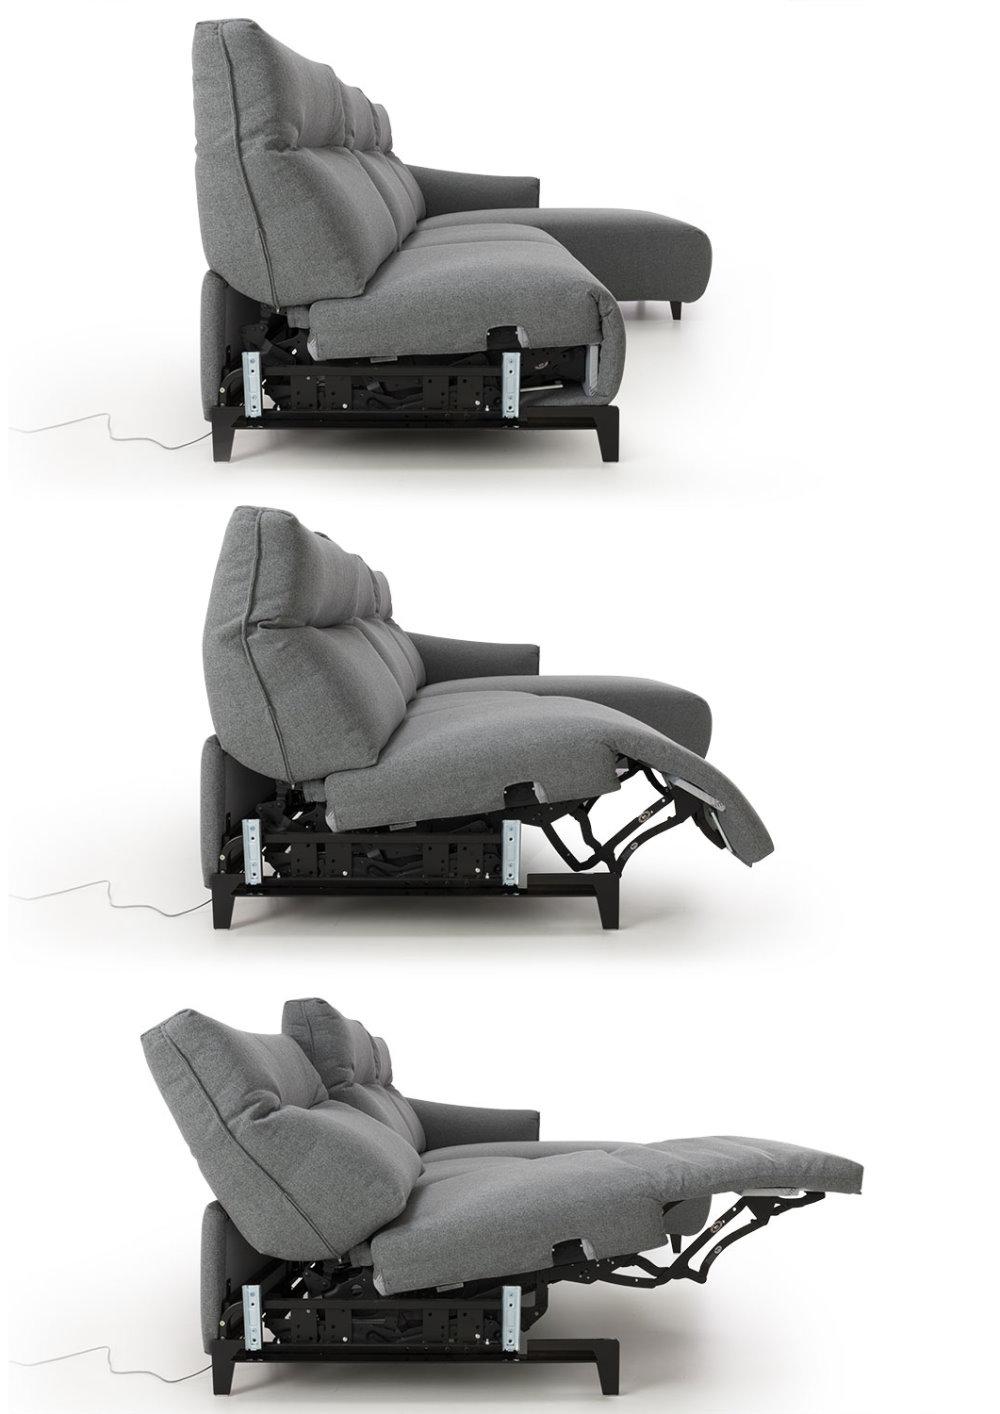 Schemi sequenza di attivazione meccanismo elettrico relax - Divano Prado